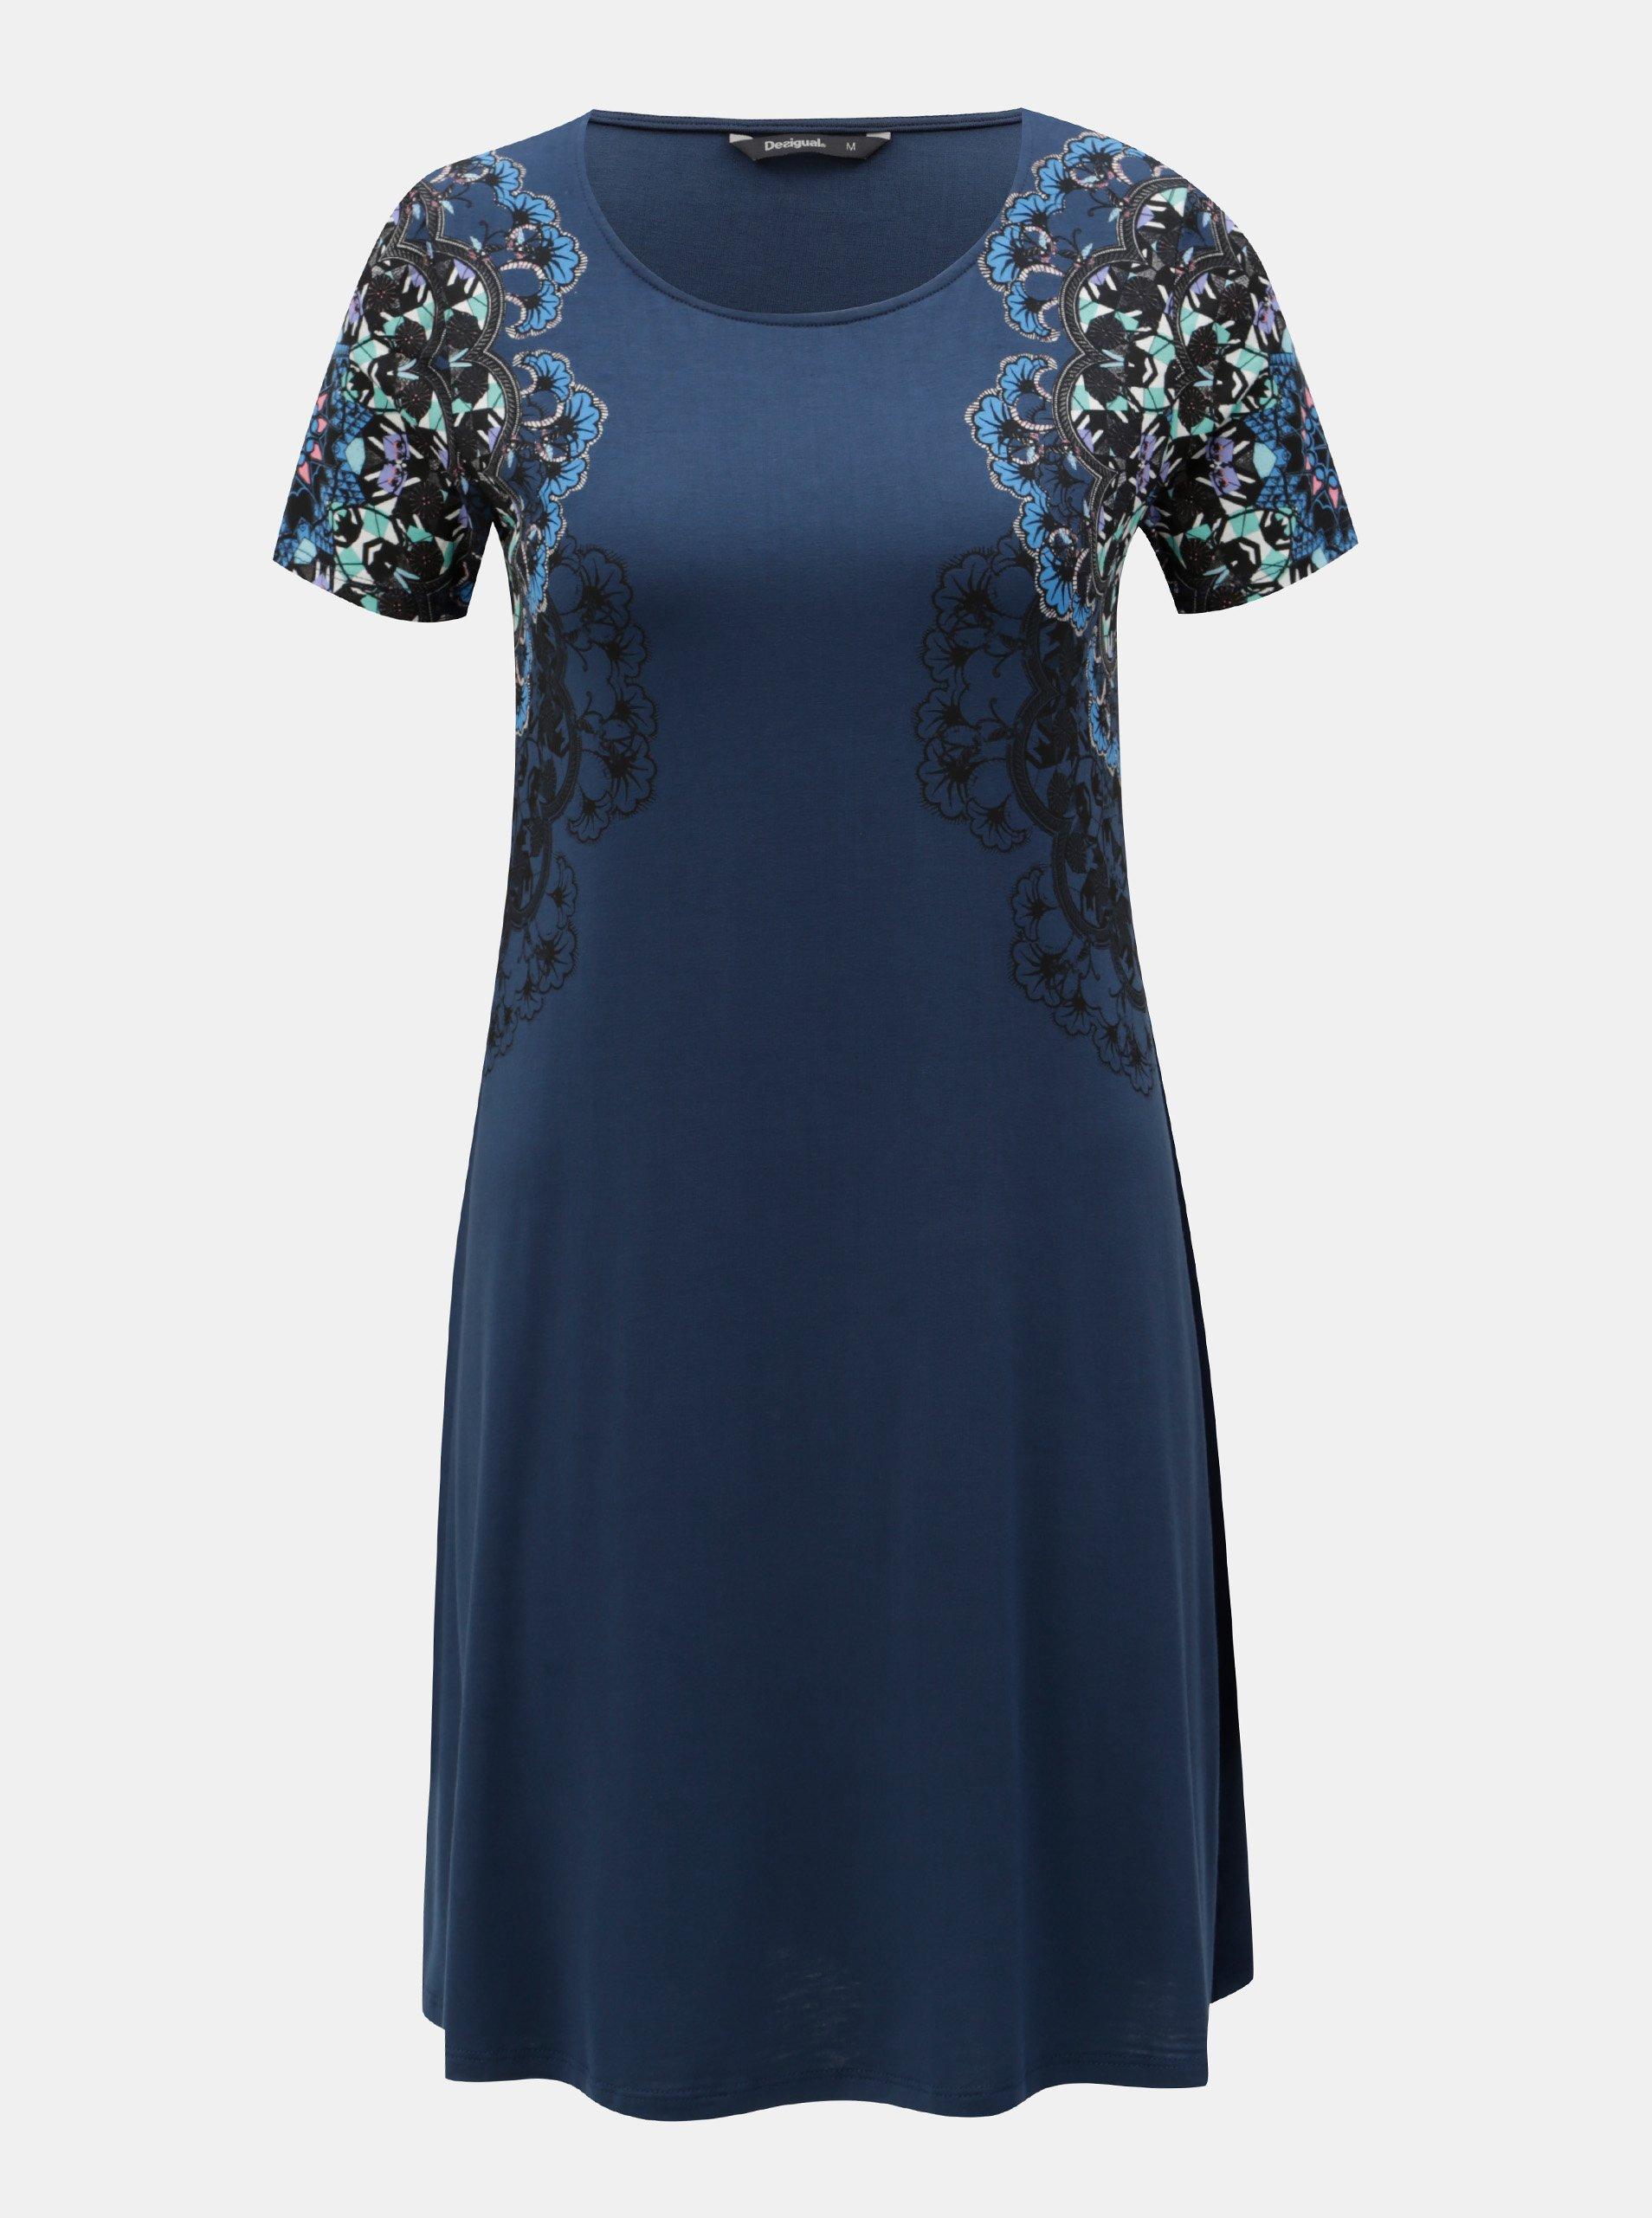 Tmavě modré šaty s potiskem a krátkým rukávem Desigual Cora 67fc71aee1